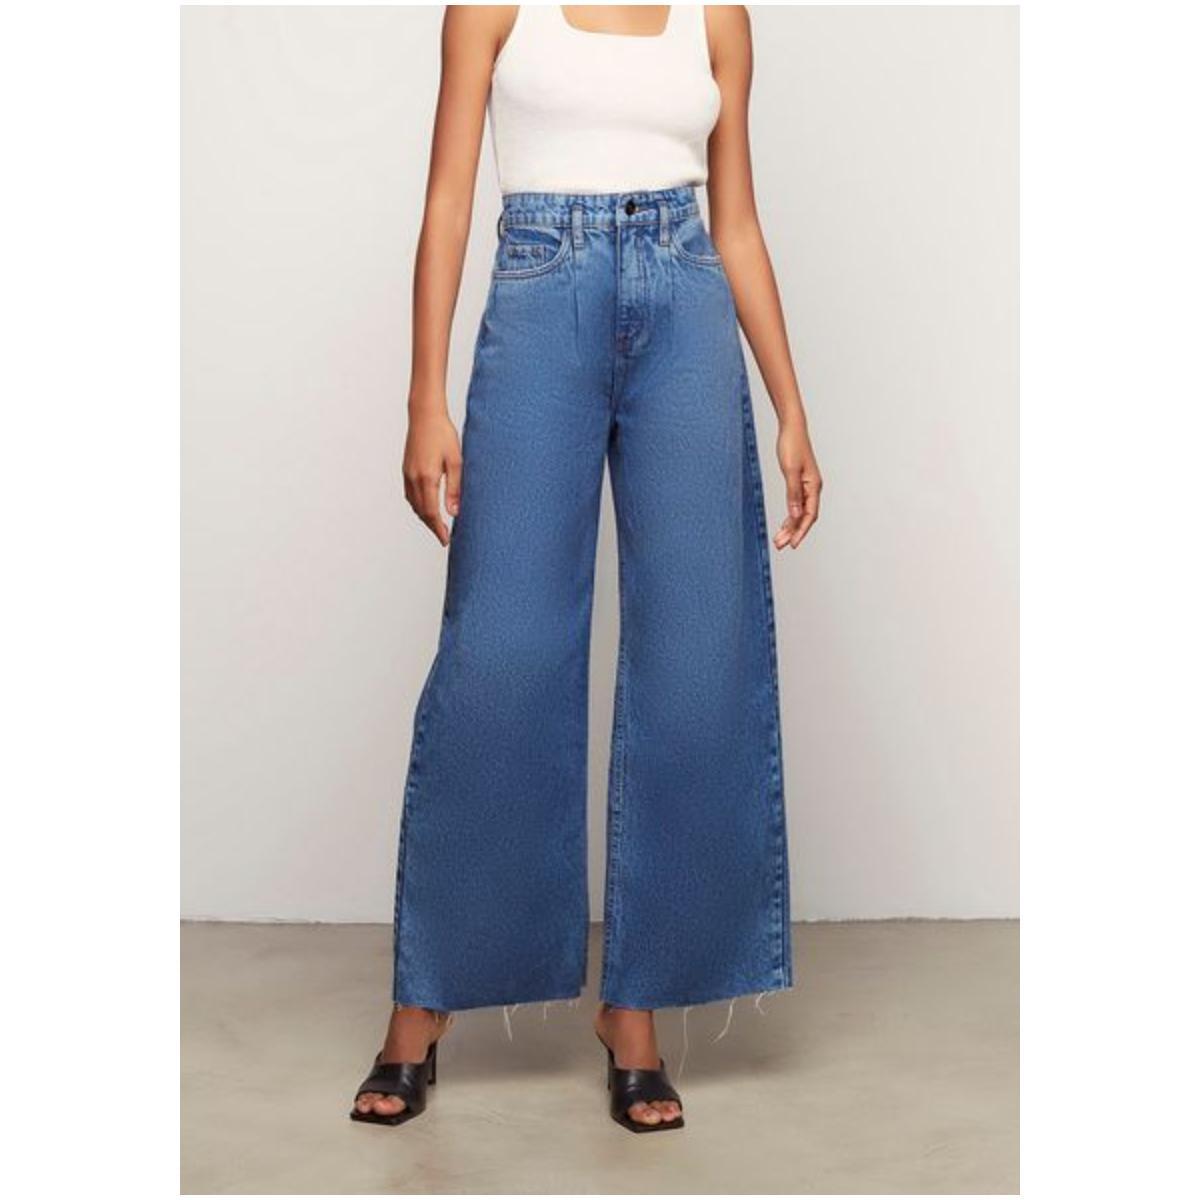 Calça Feminina Dzarm Zu9t 1asn  Jeans